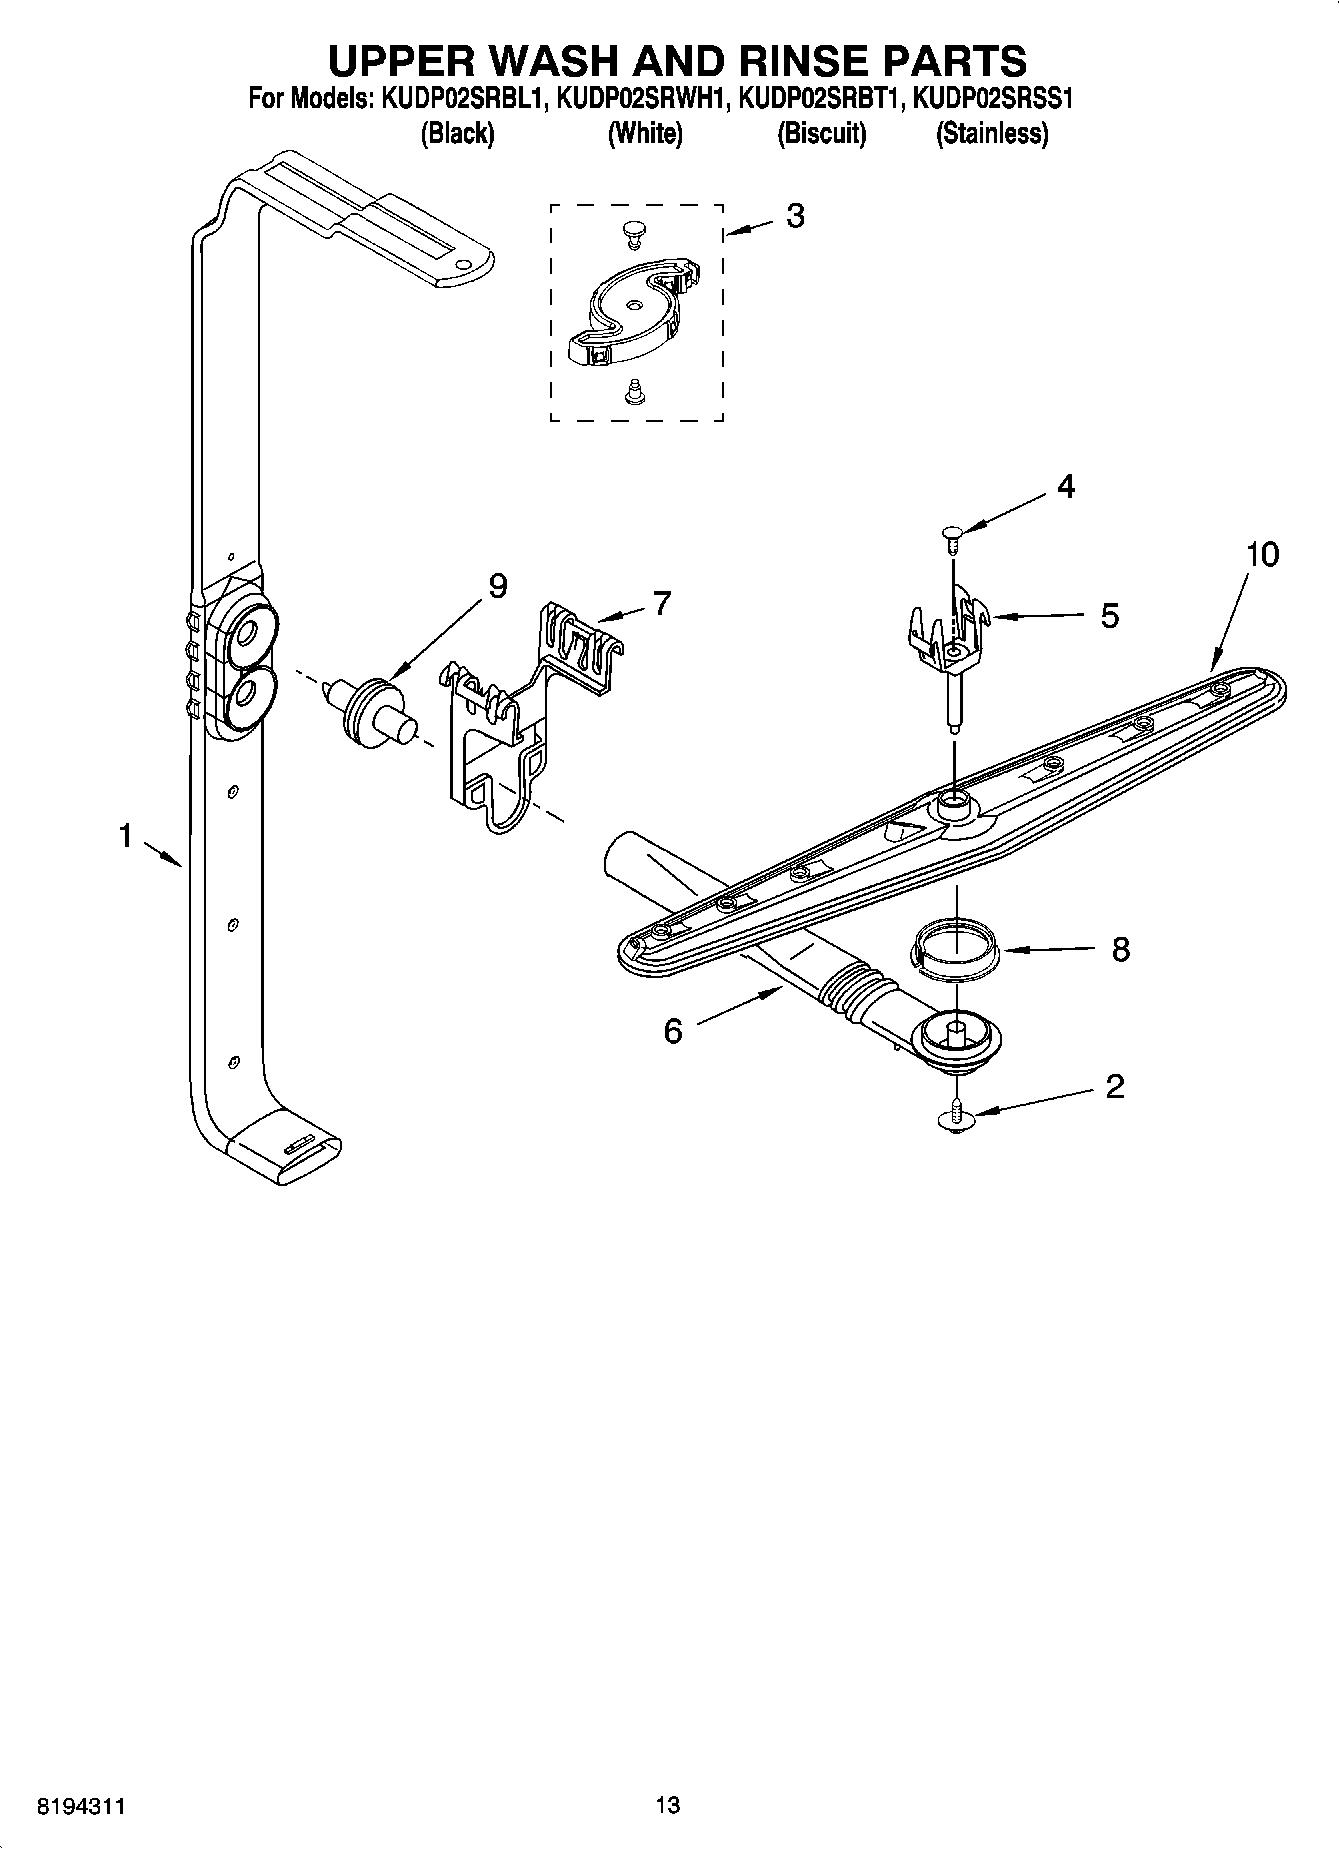 KUDP02SRWH1